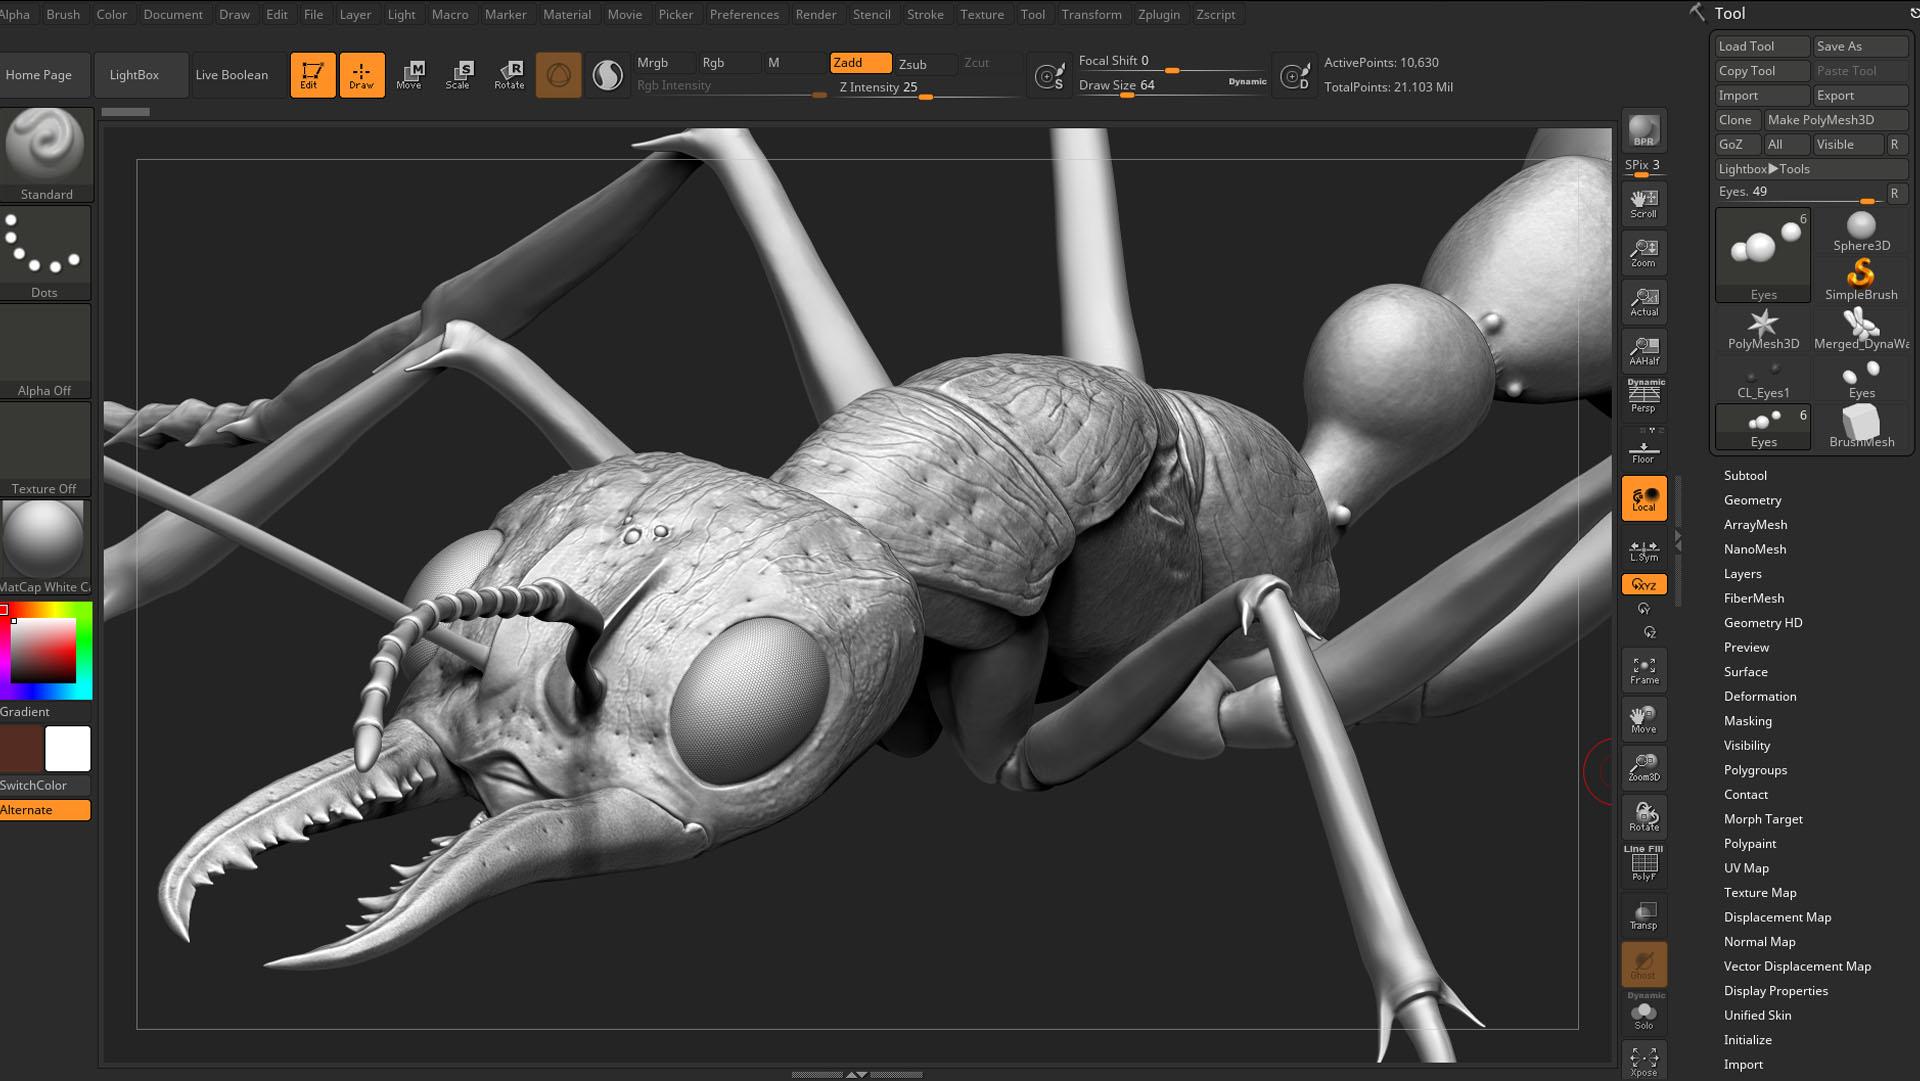 Bulldog ant 02 - melvin okoronkwo - 3D artist.jpg